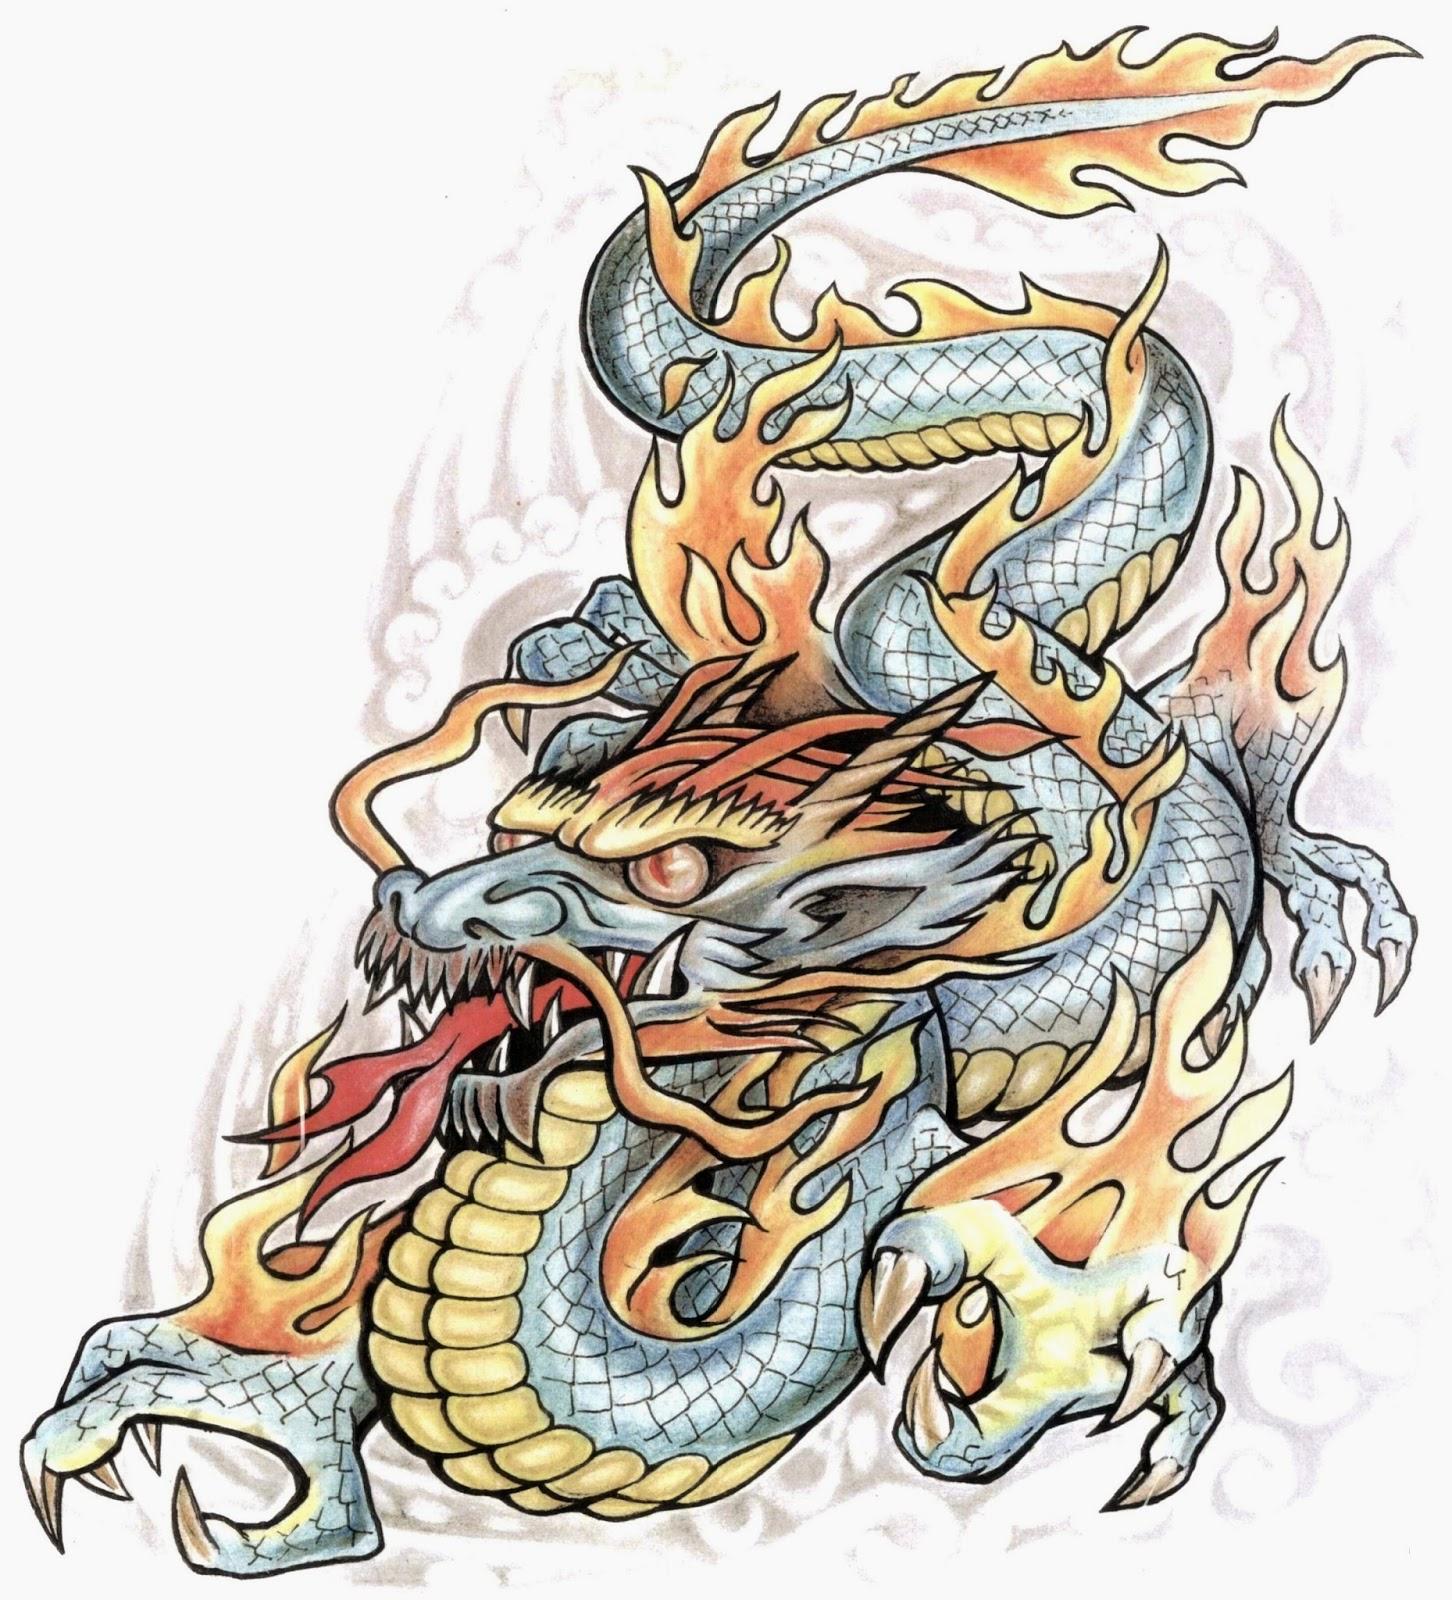 татуировки дракона эскизы - Драконы Тату эскизы Фото галерея Идеи татуировок